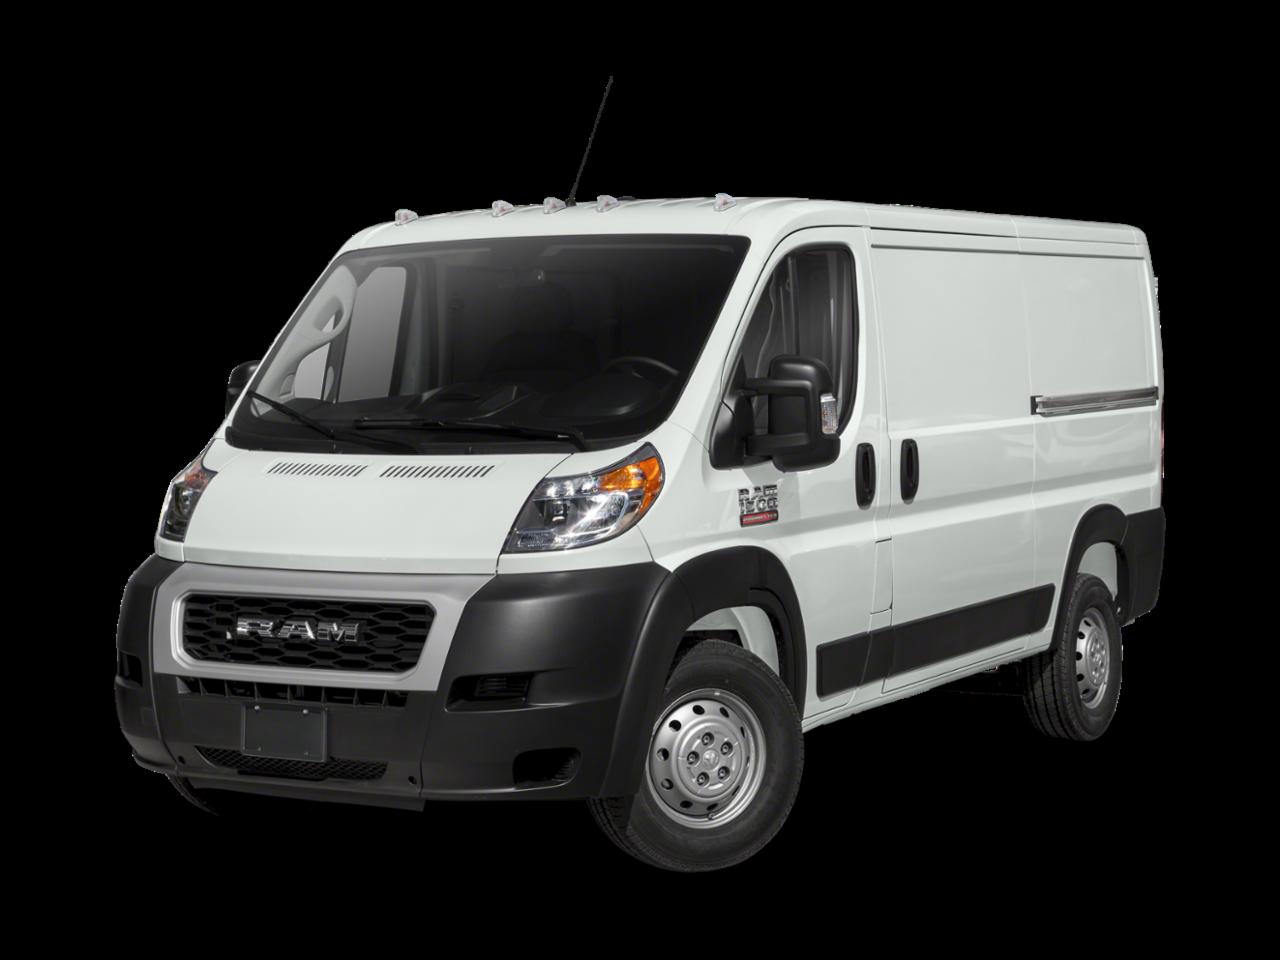 2020 RAM ProMaster Low Roof Cargo Van